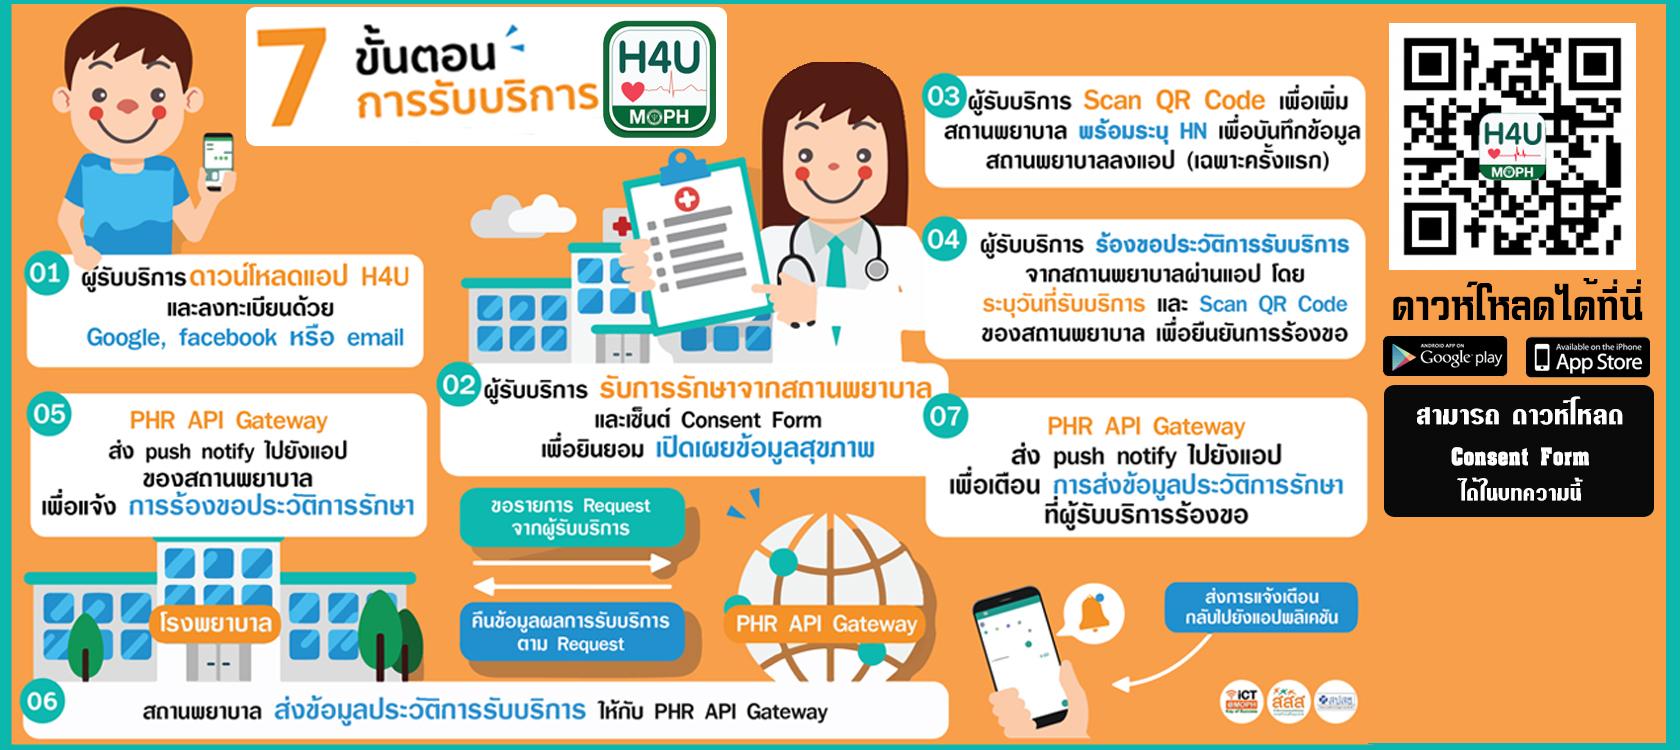 ผู้รับบริการสามารถเขื่อมต่อข้อมูลด้วย APPLICATION H4U